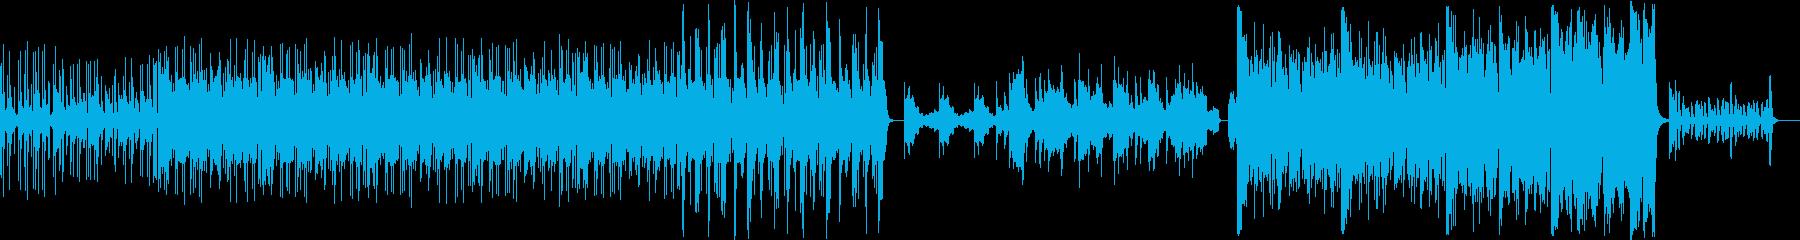 挑戦するシーンイメージしたBGMの再生済みの波形